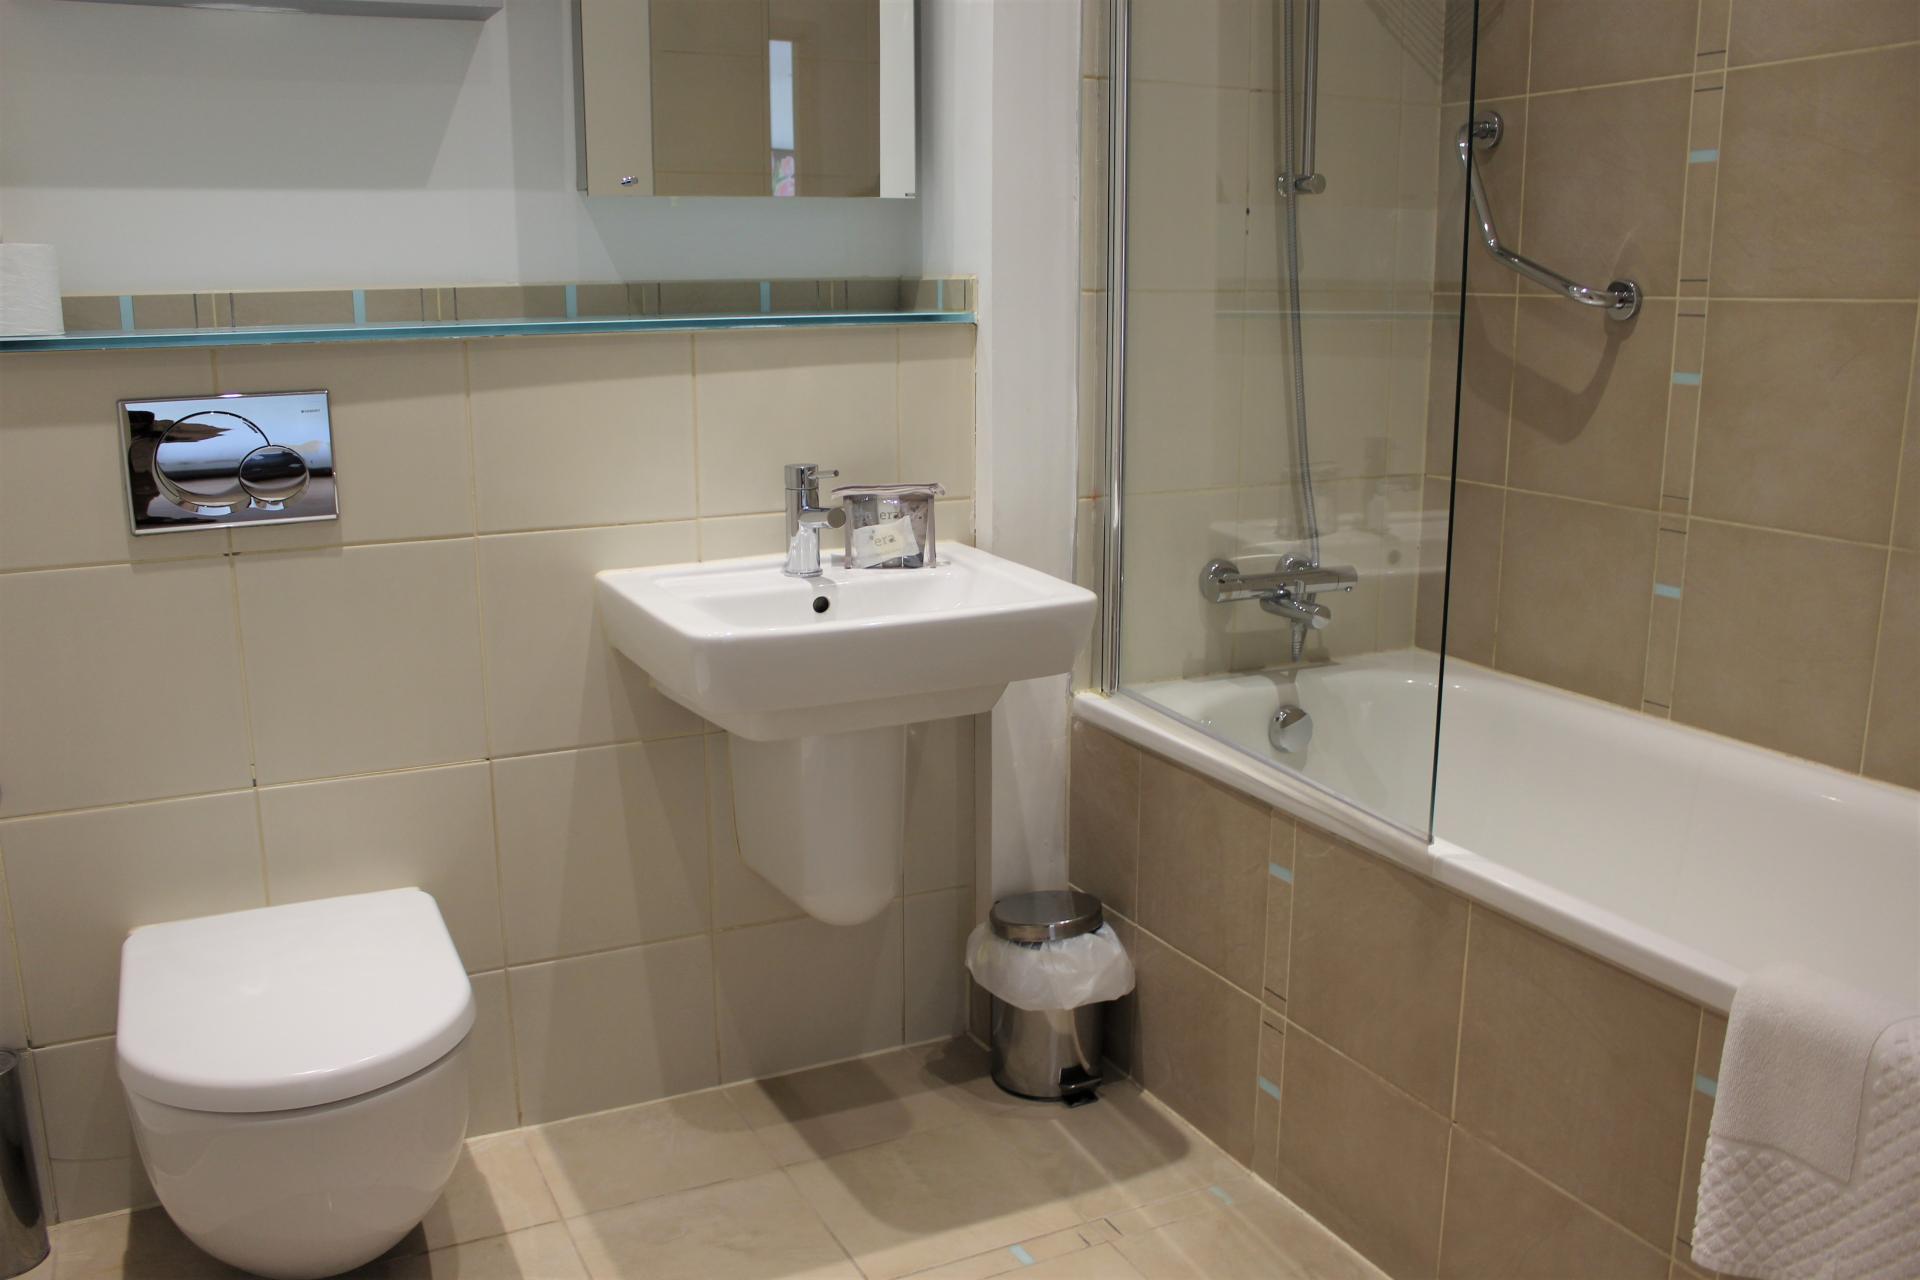 WC at Gunwharf Quays Apartments, Gunwharf Quays, Portsmouth